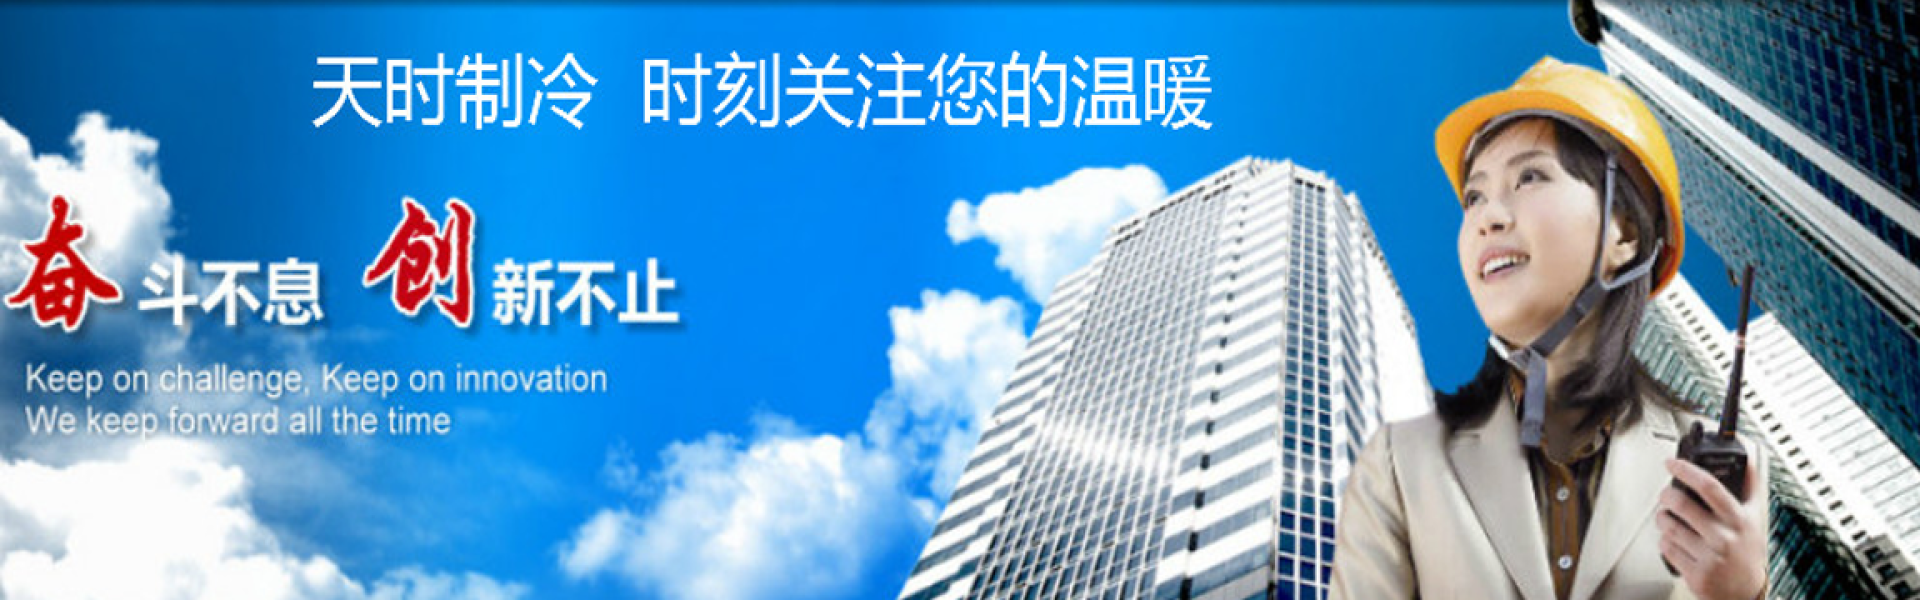 武汉中央空调-天时制冷